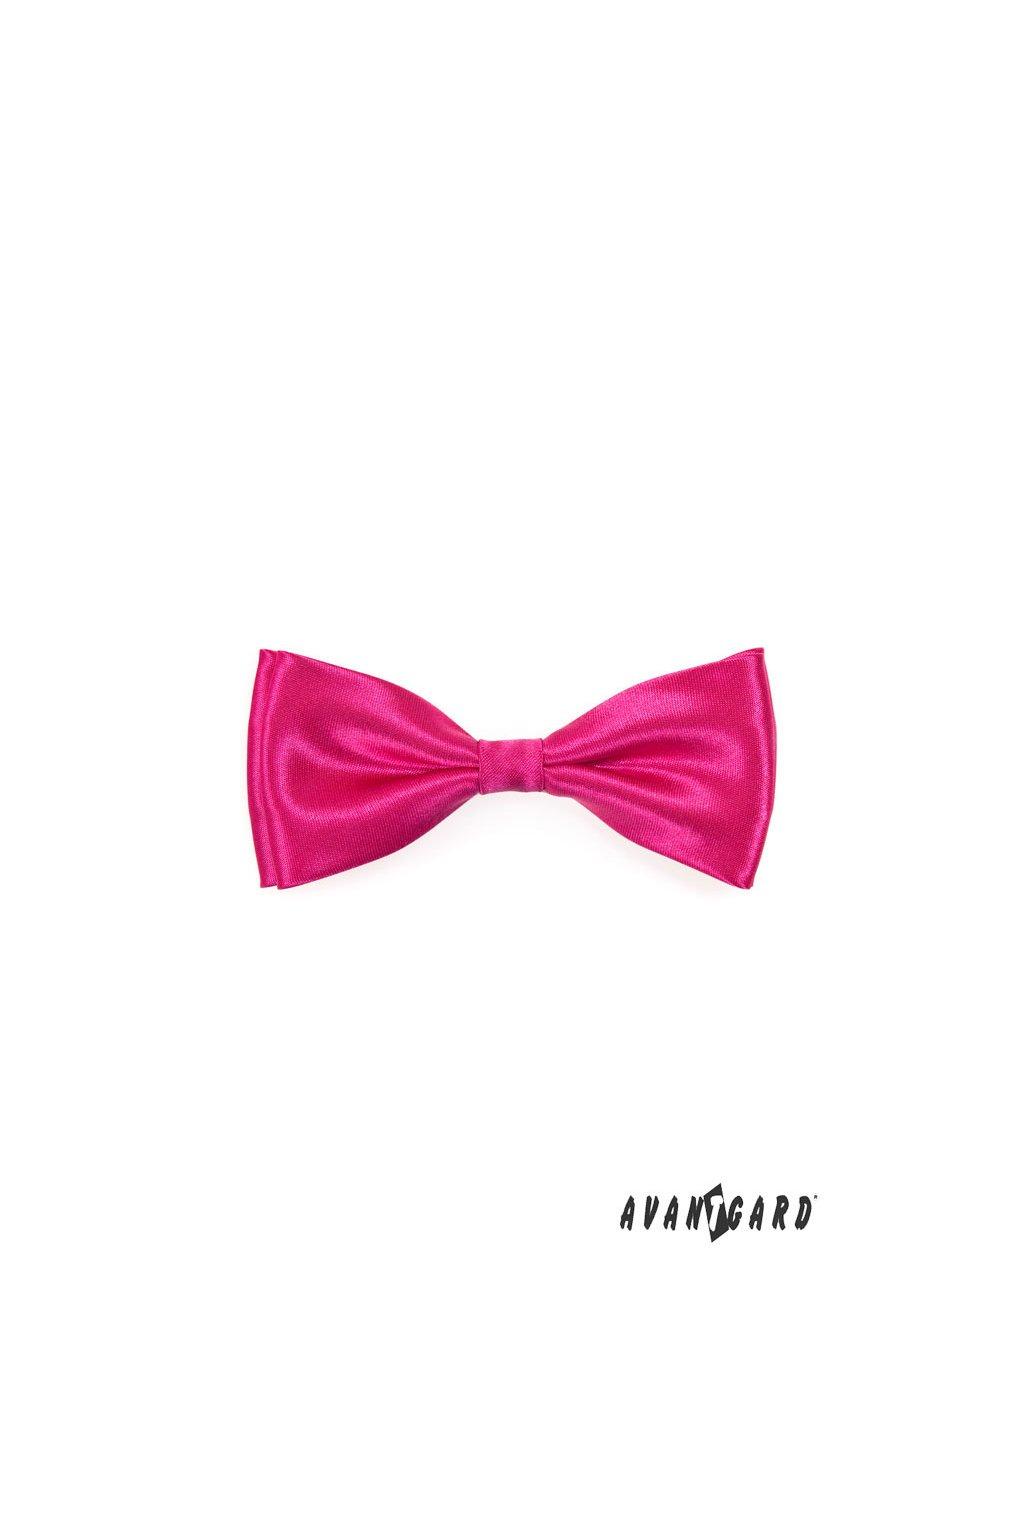 Pánský motýlek růžový 553 - 756